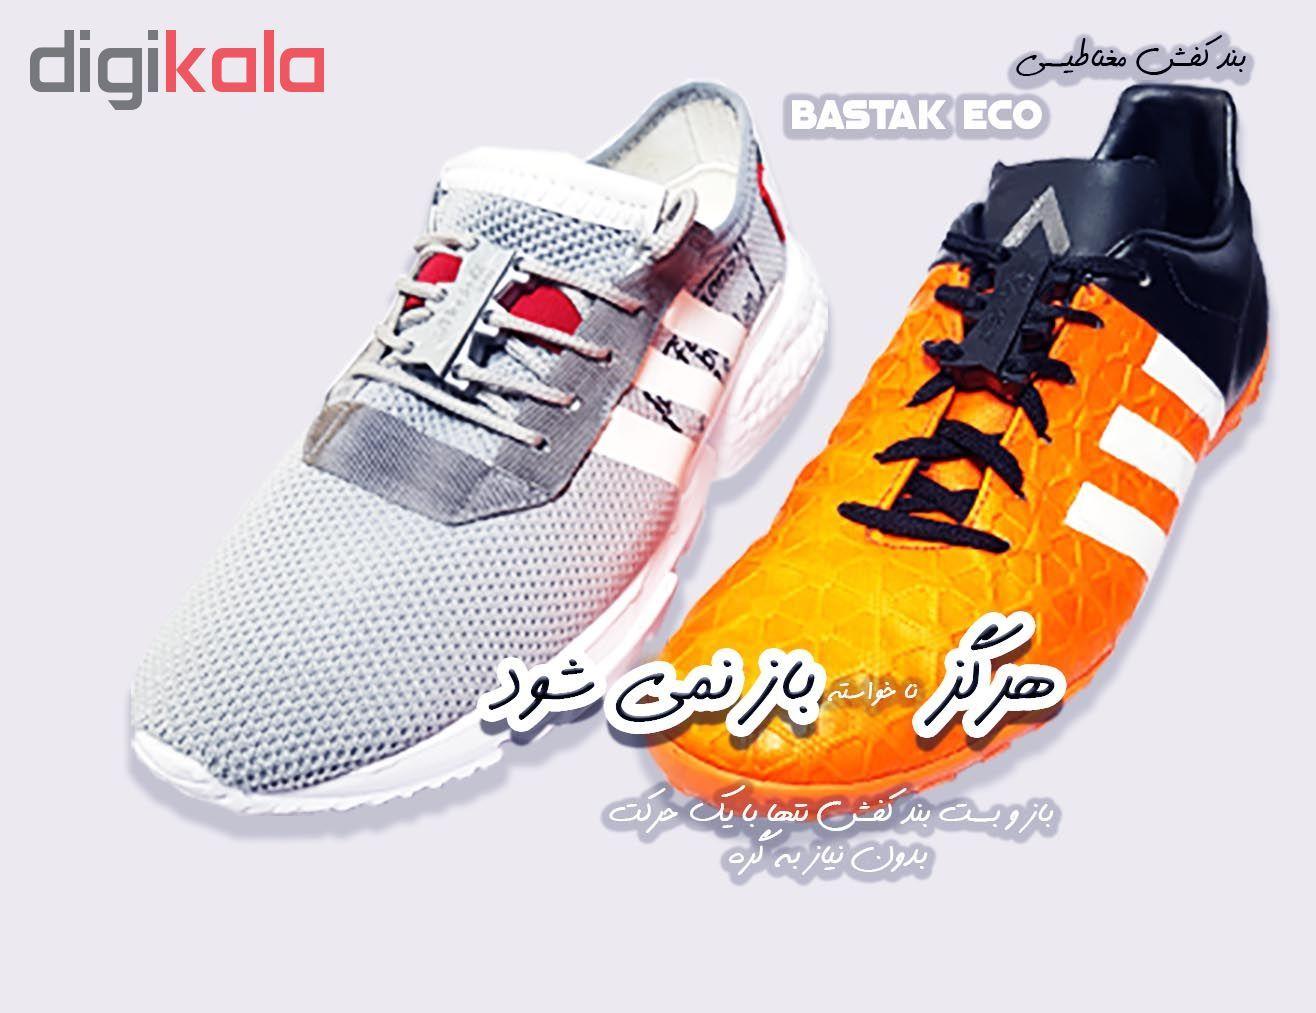 بند کفش مغناطیسی بستاک مدل اِکو E112 رنگ قهوه ای main 1 7